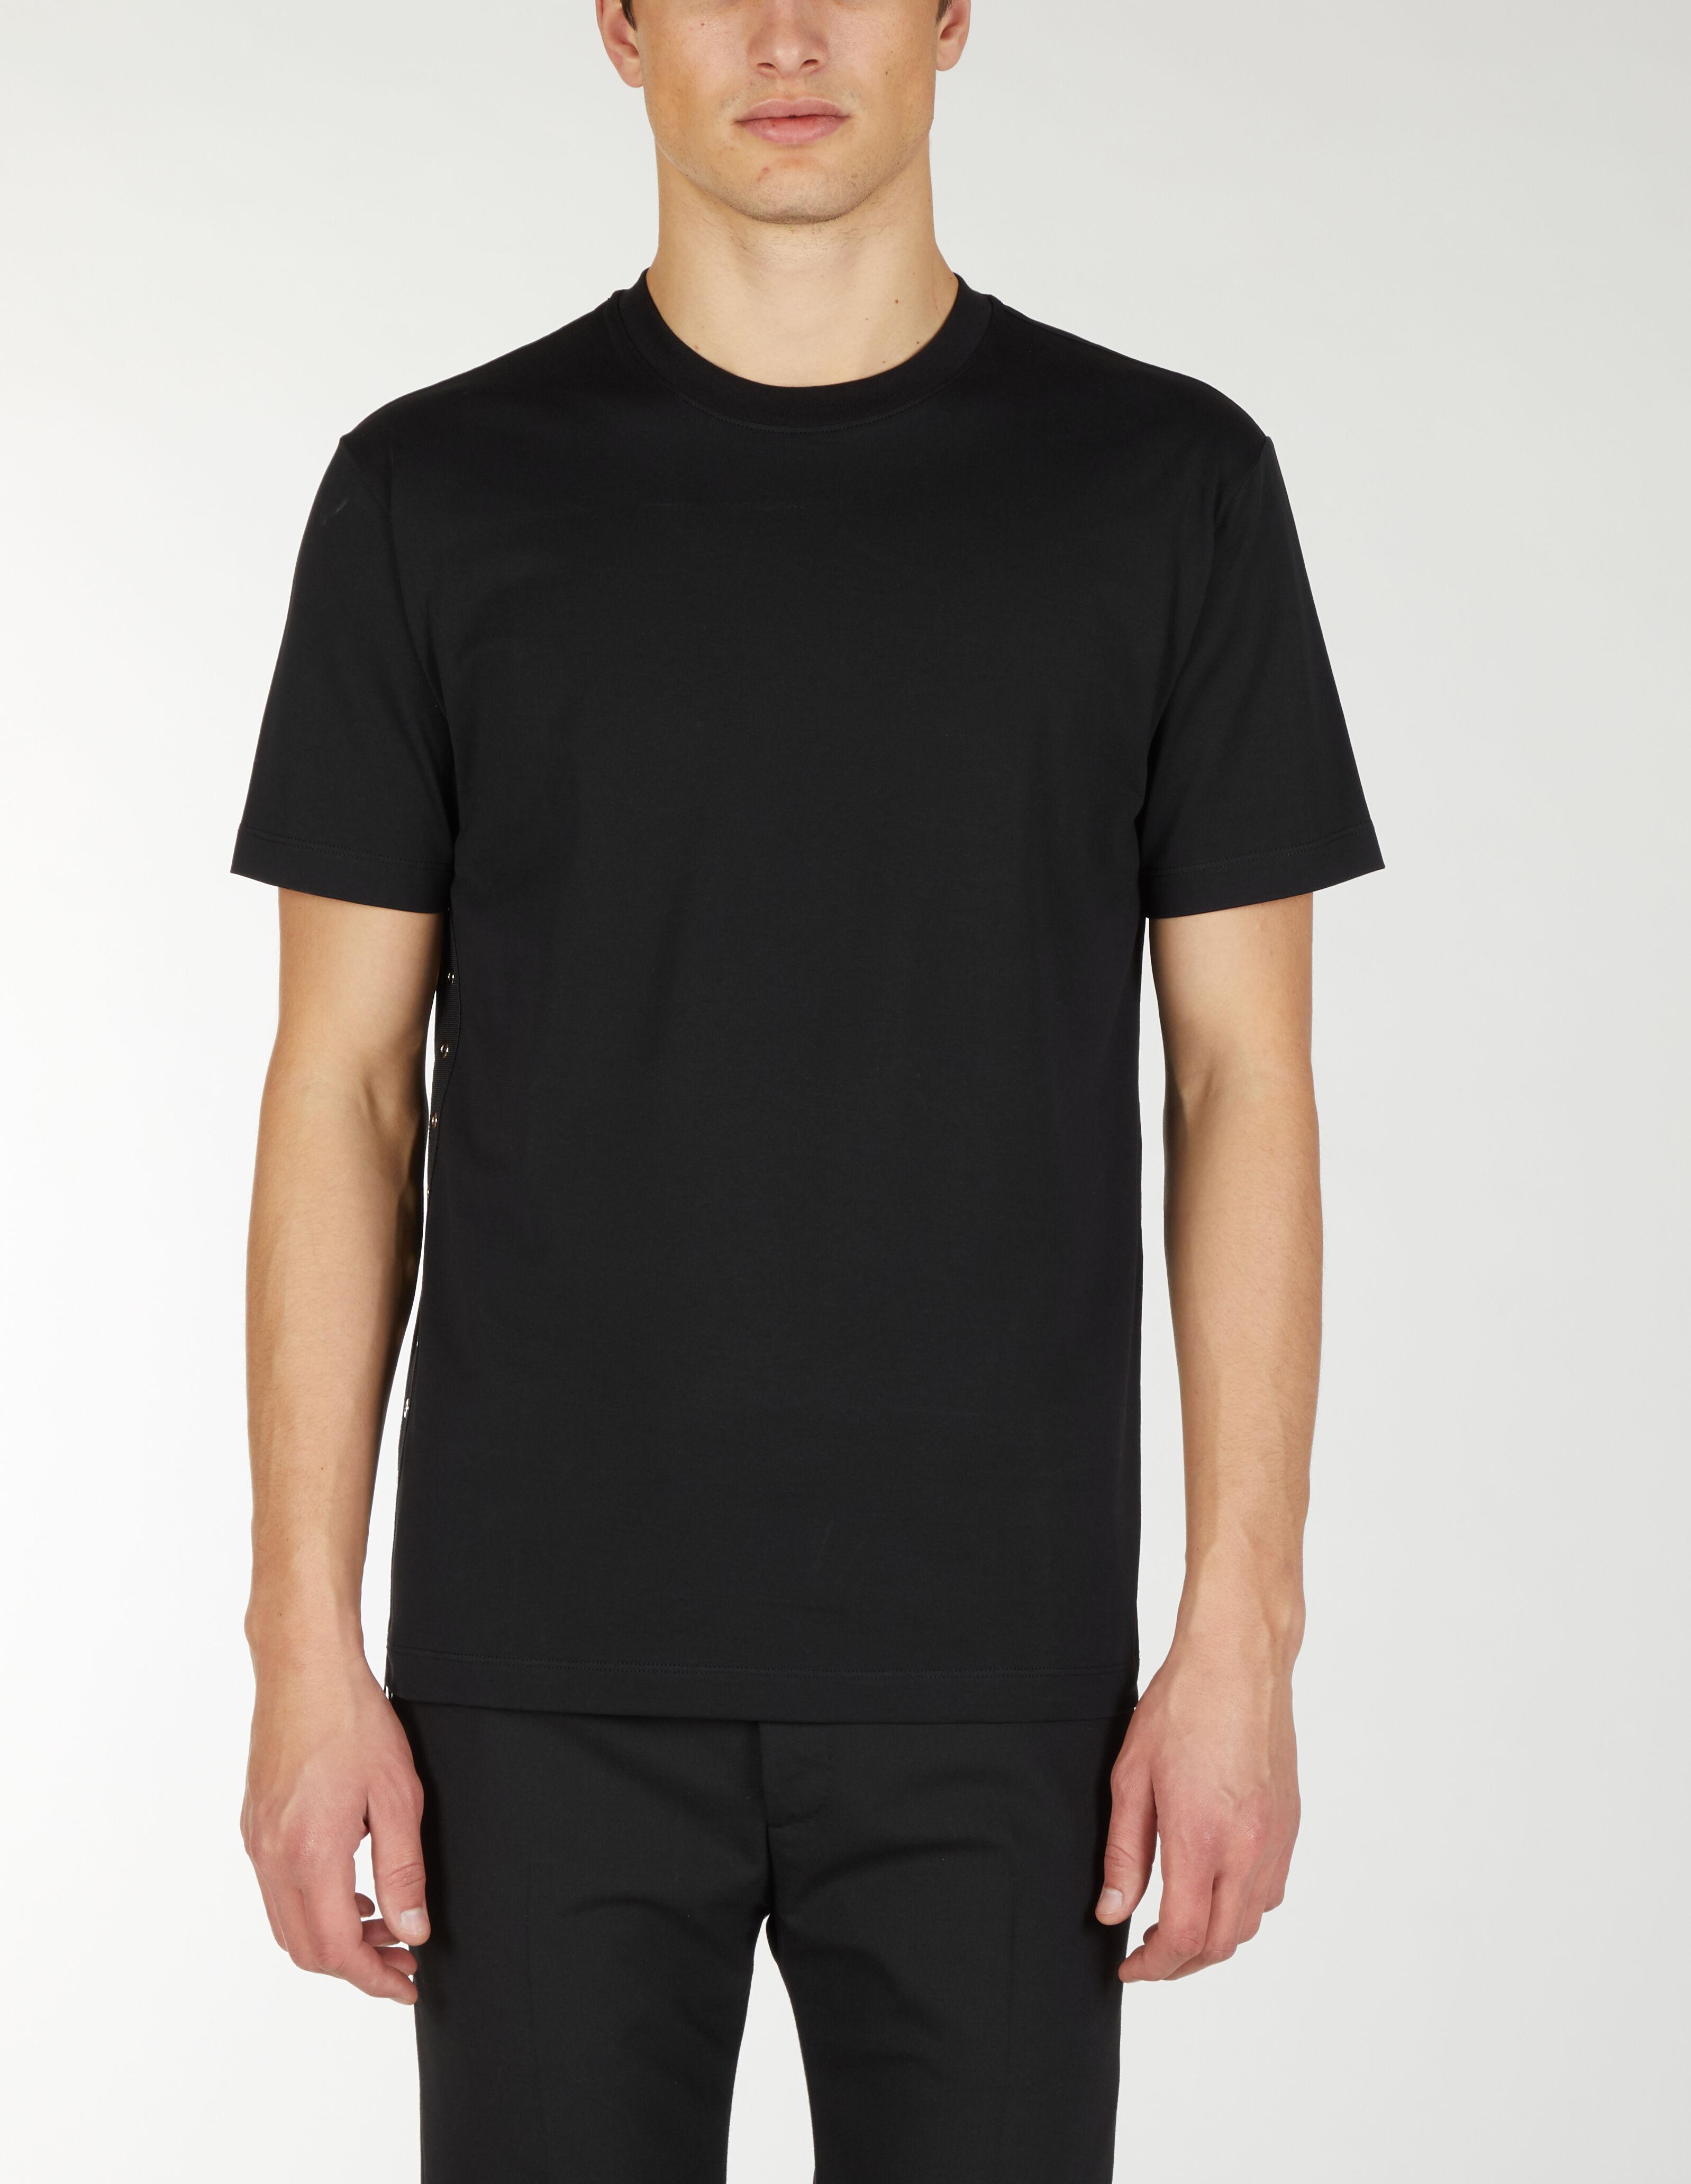 T-Shirt Con Borchie Sul Lato - Les Hommes